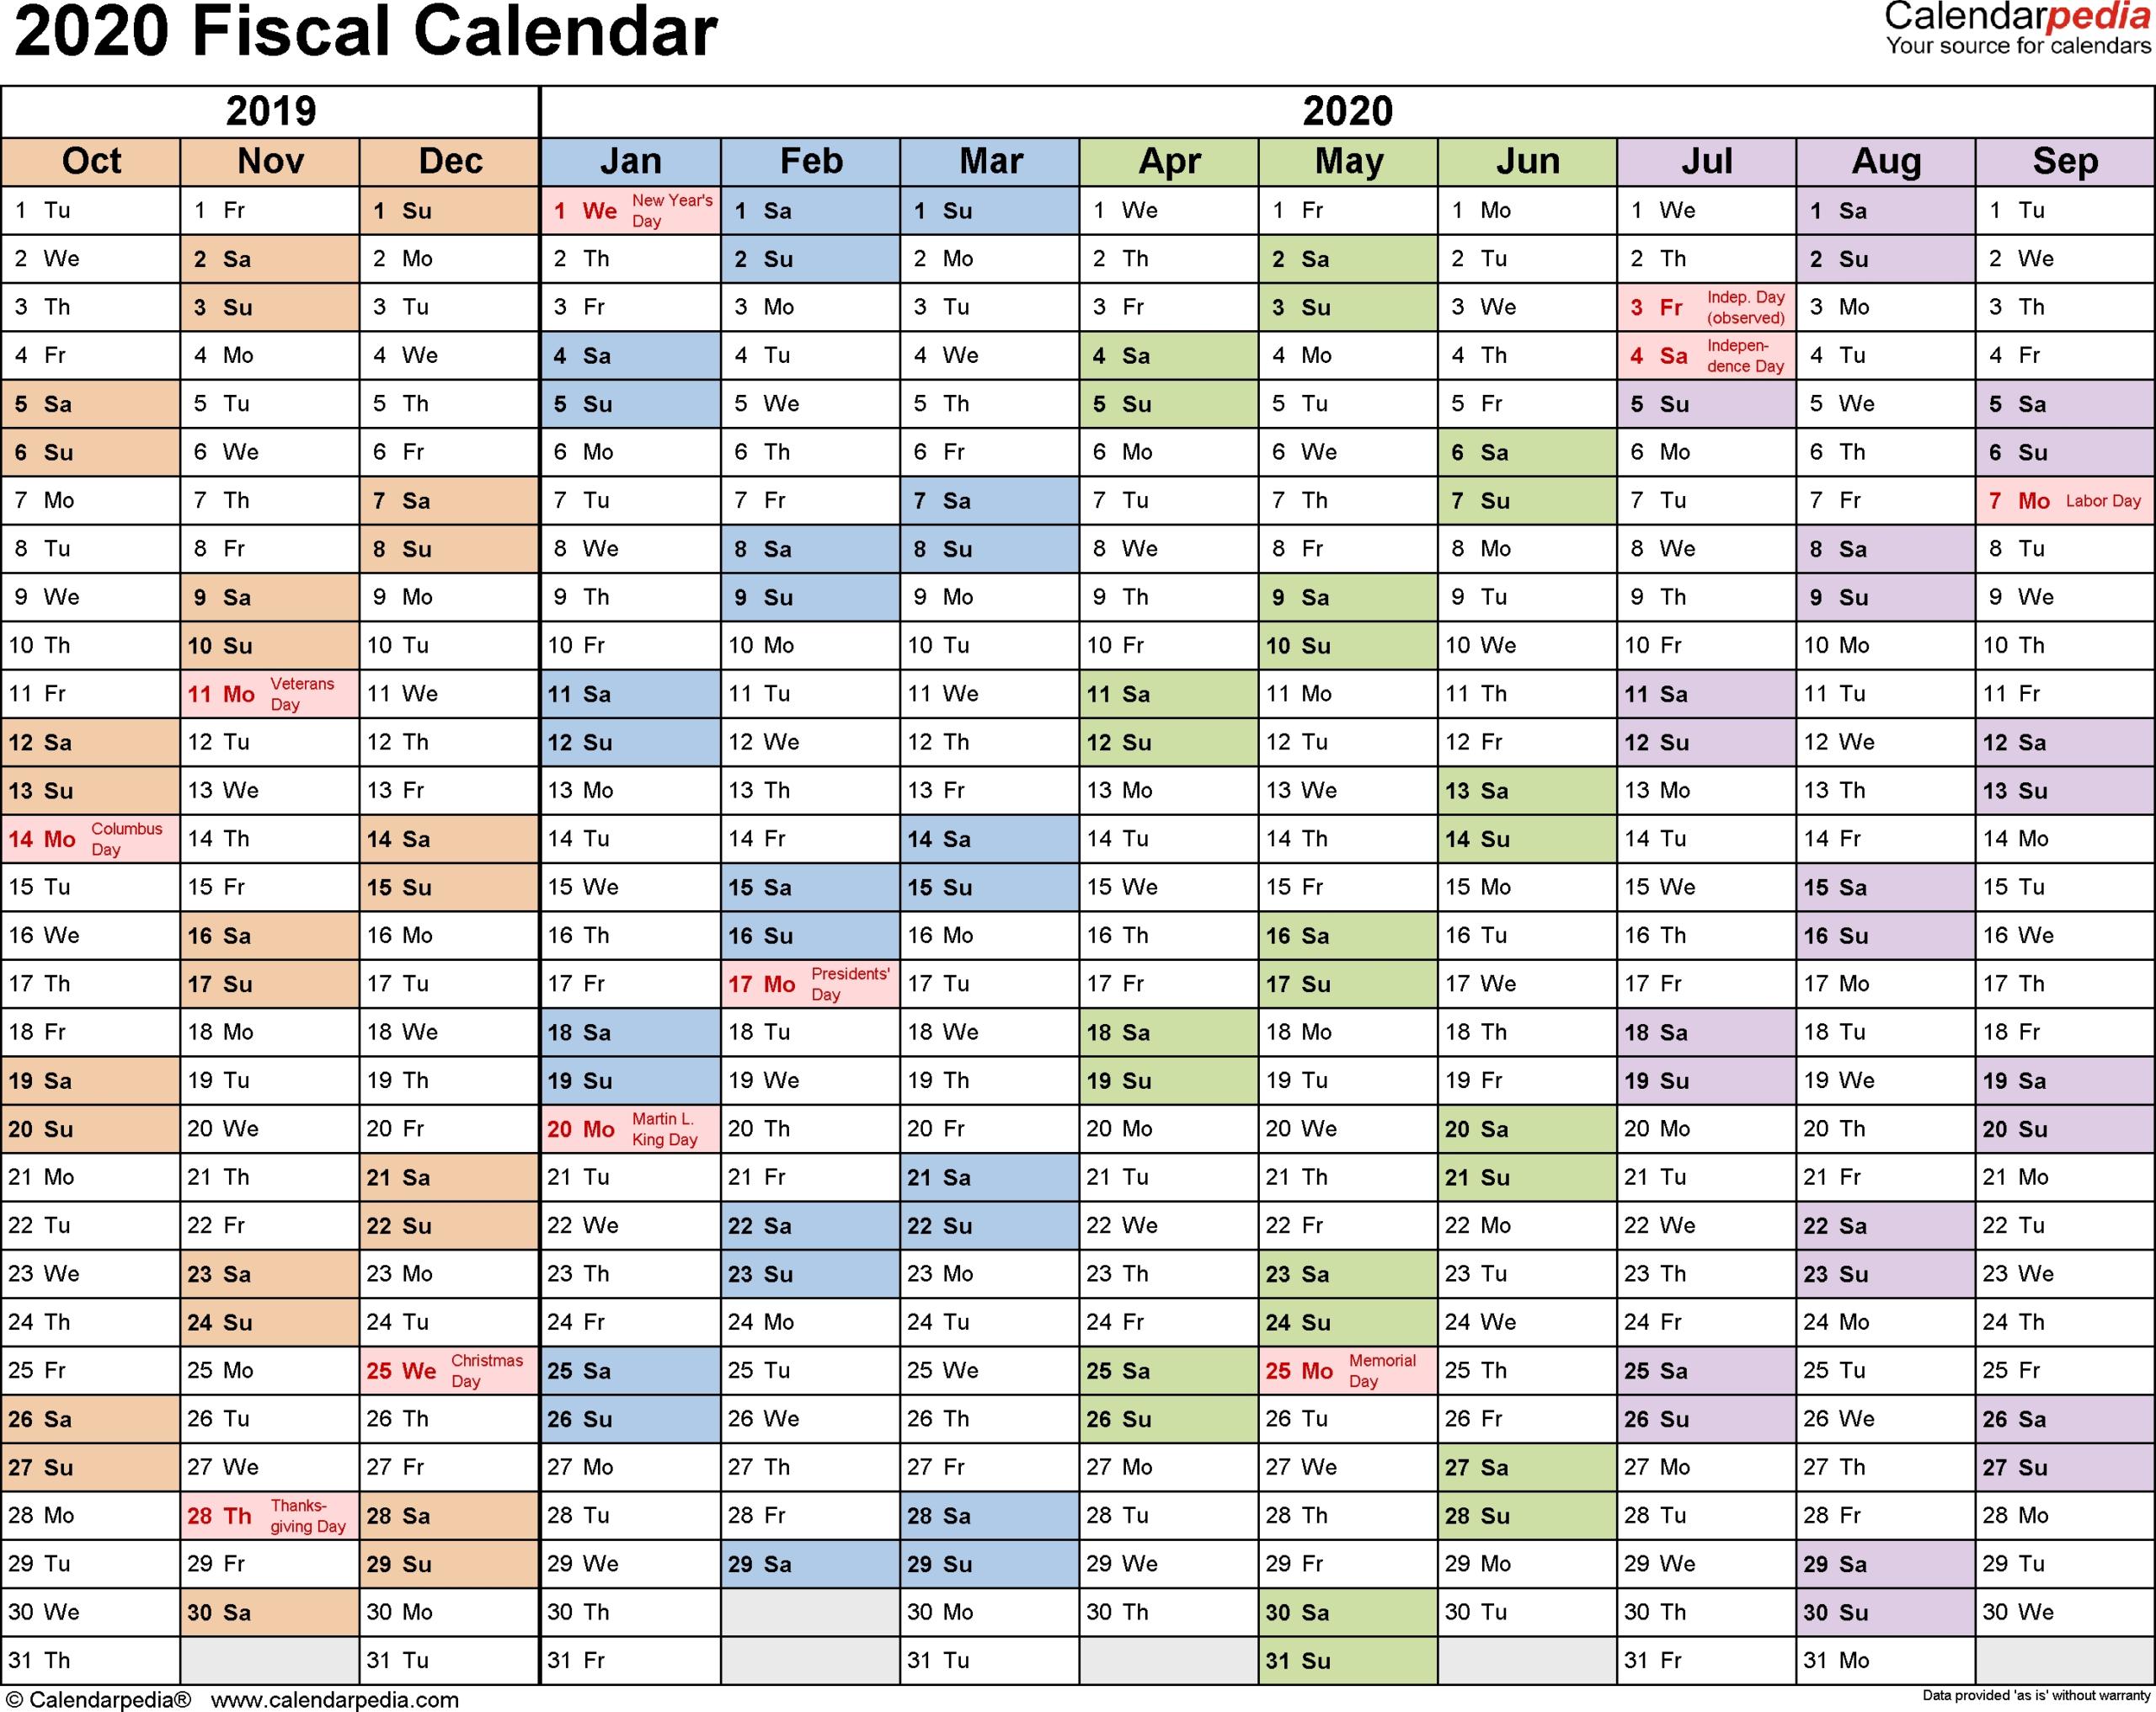 2020 20 Australian Financial Year Calendar - Template